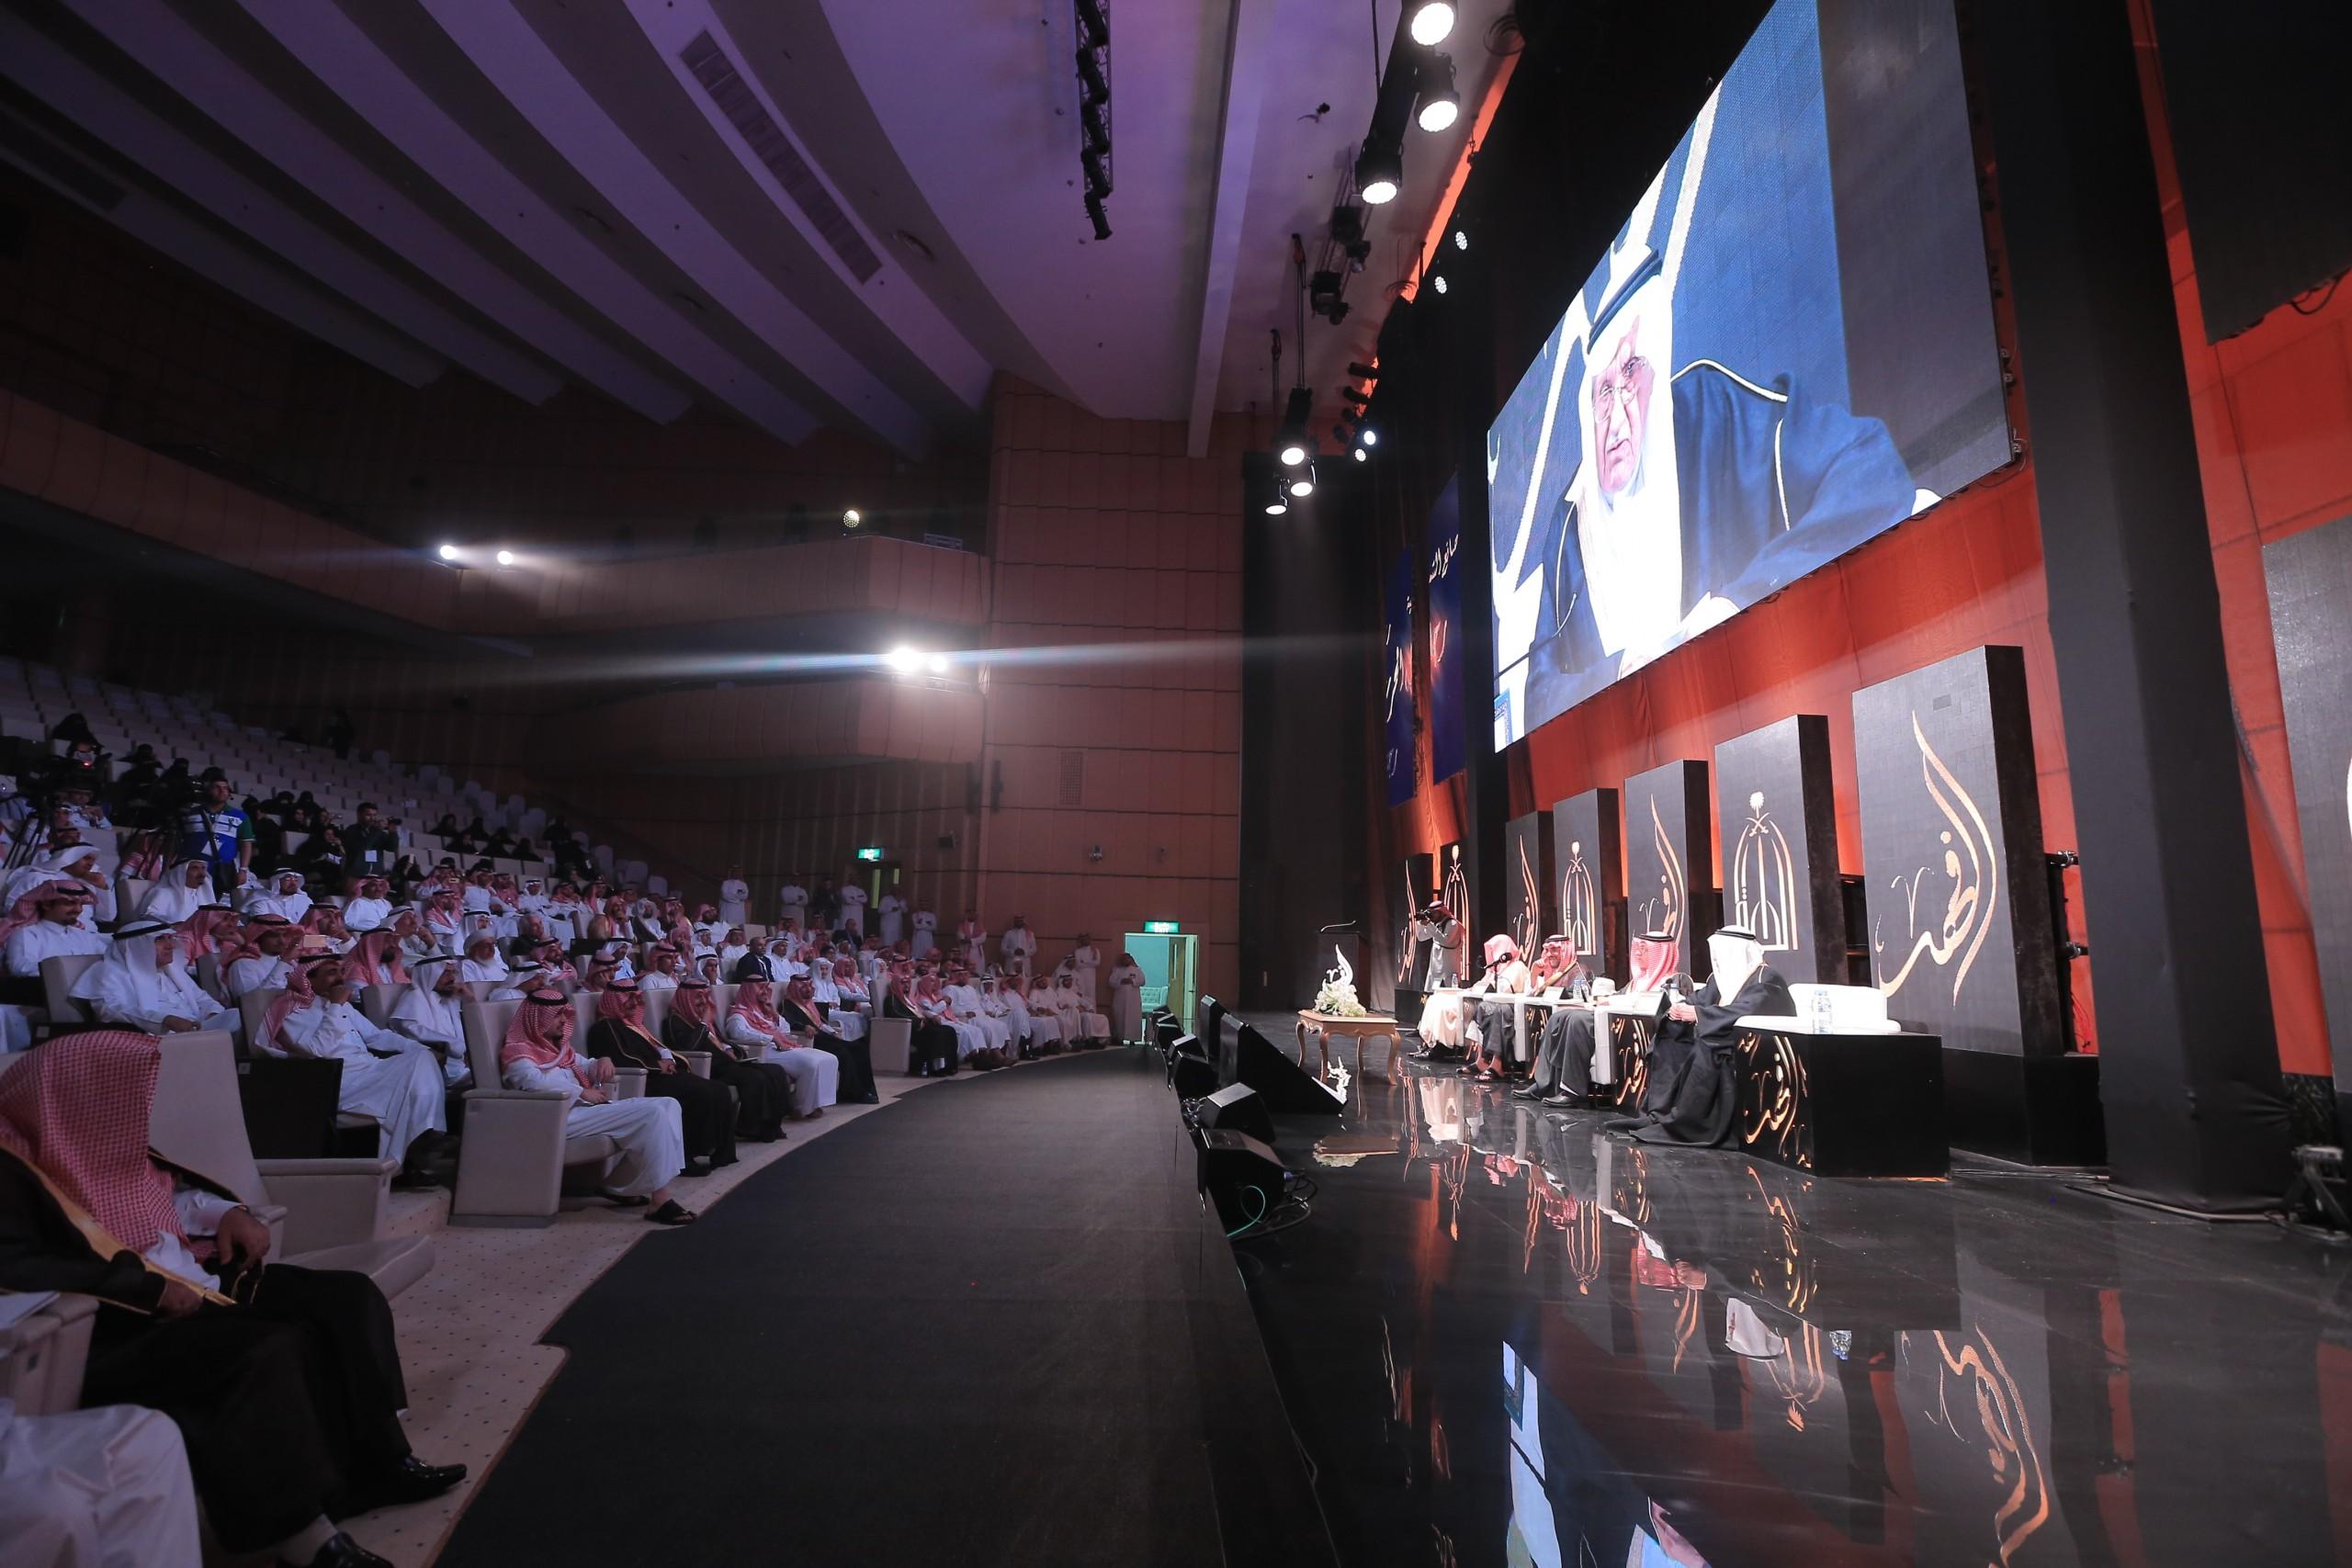 معرض الفهد روح القيادة في الرياض